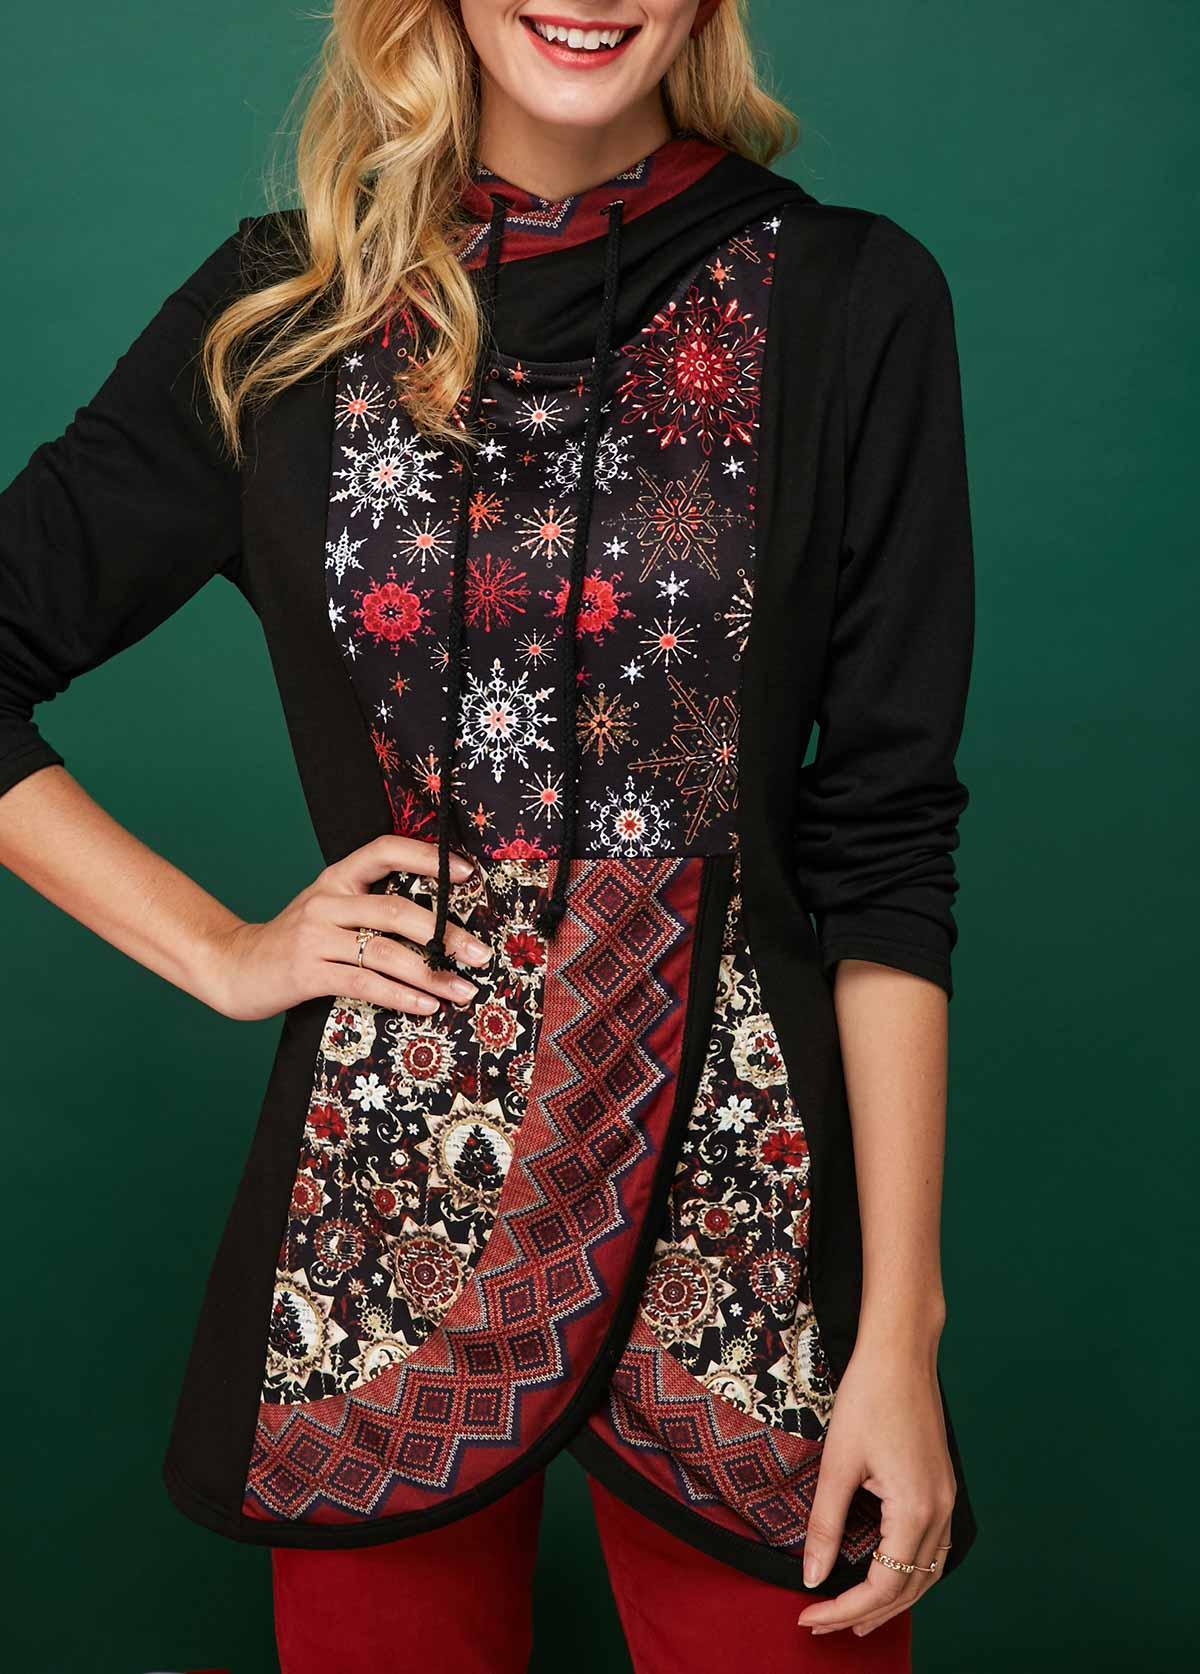 Tulip Hem Snowflake Print Long Sleeve Christmas Hoodie